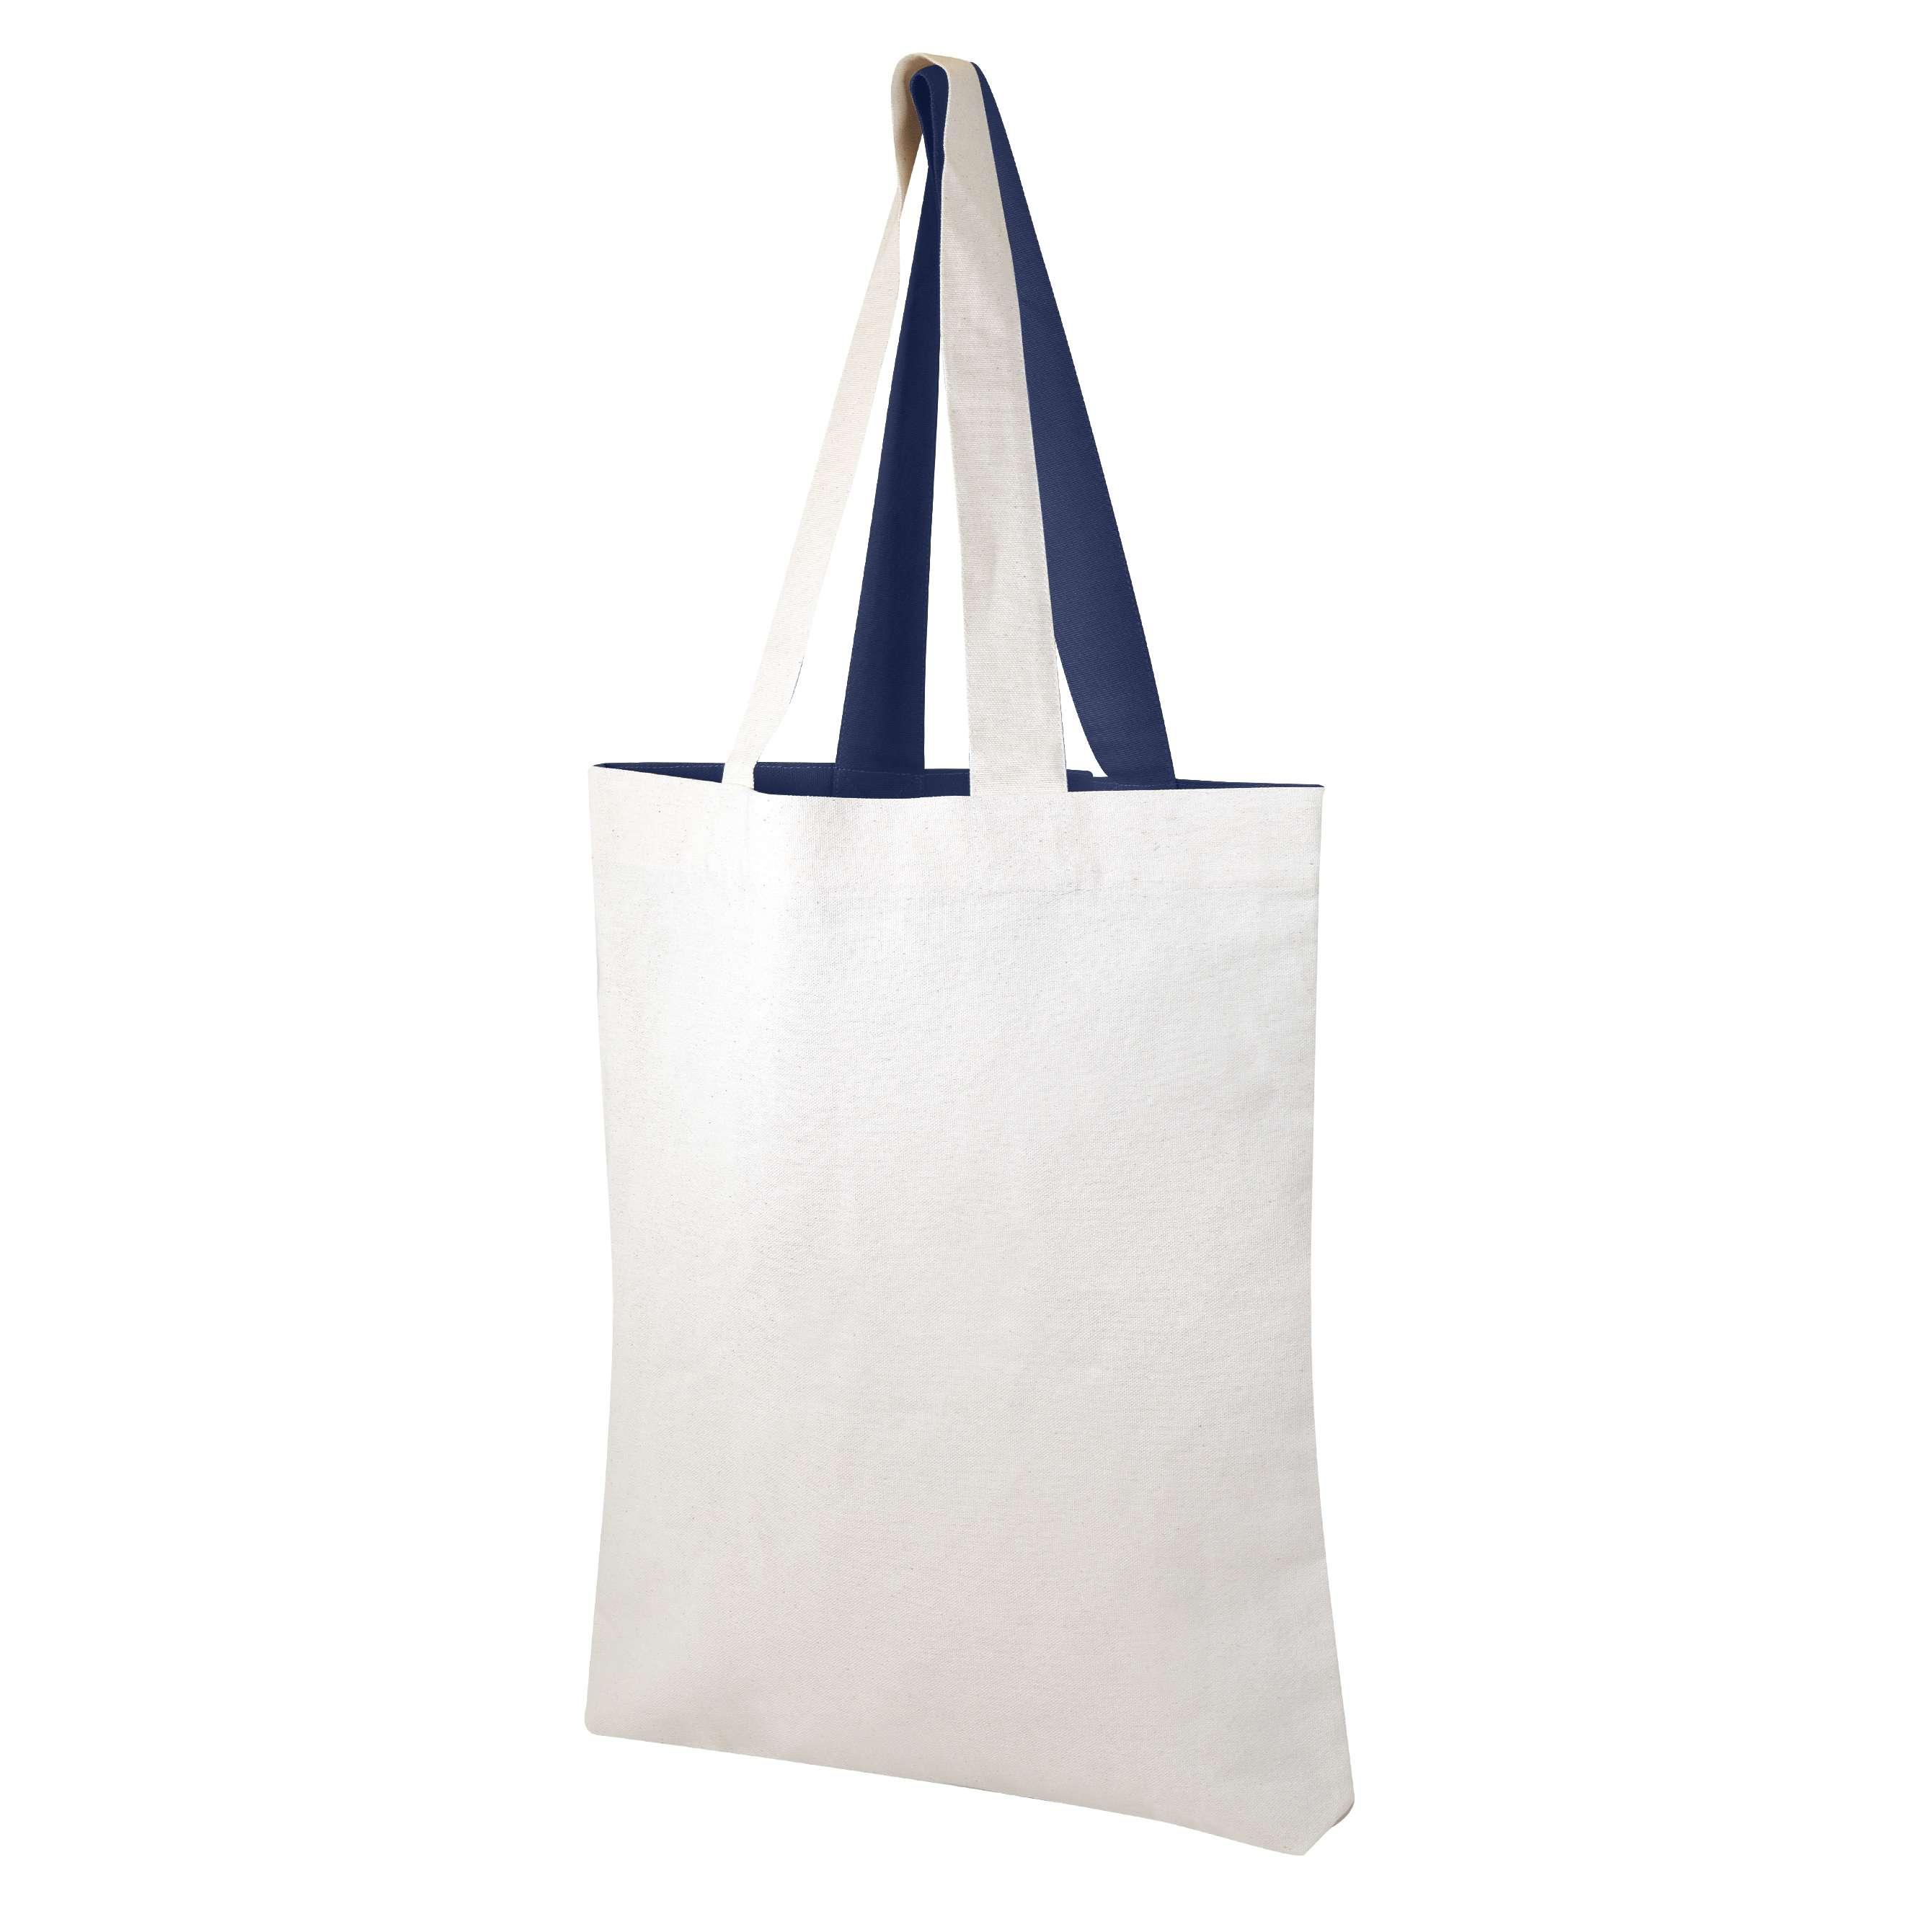 Sac shopping personnalisable écologique Visversa naturel/bleu - tote-bag promotionnel